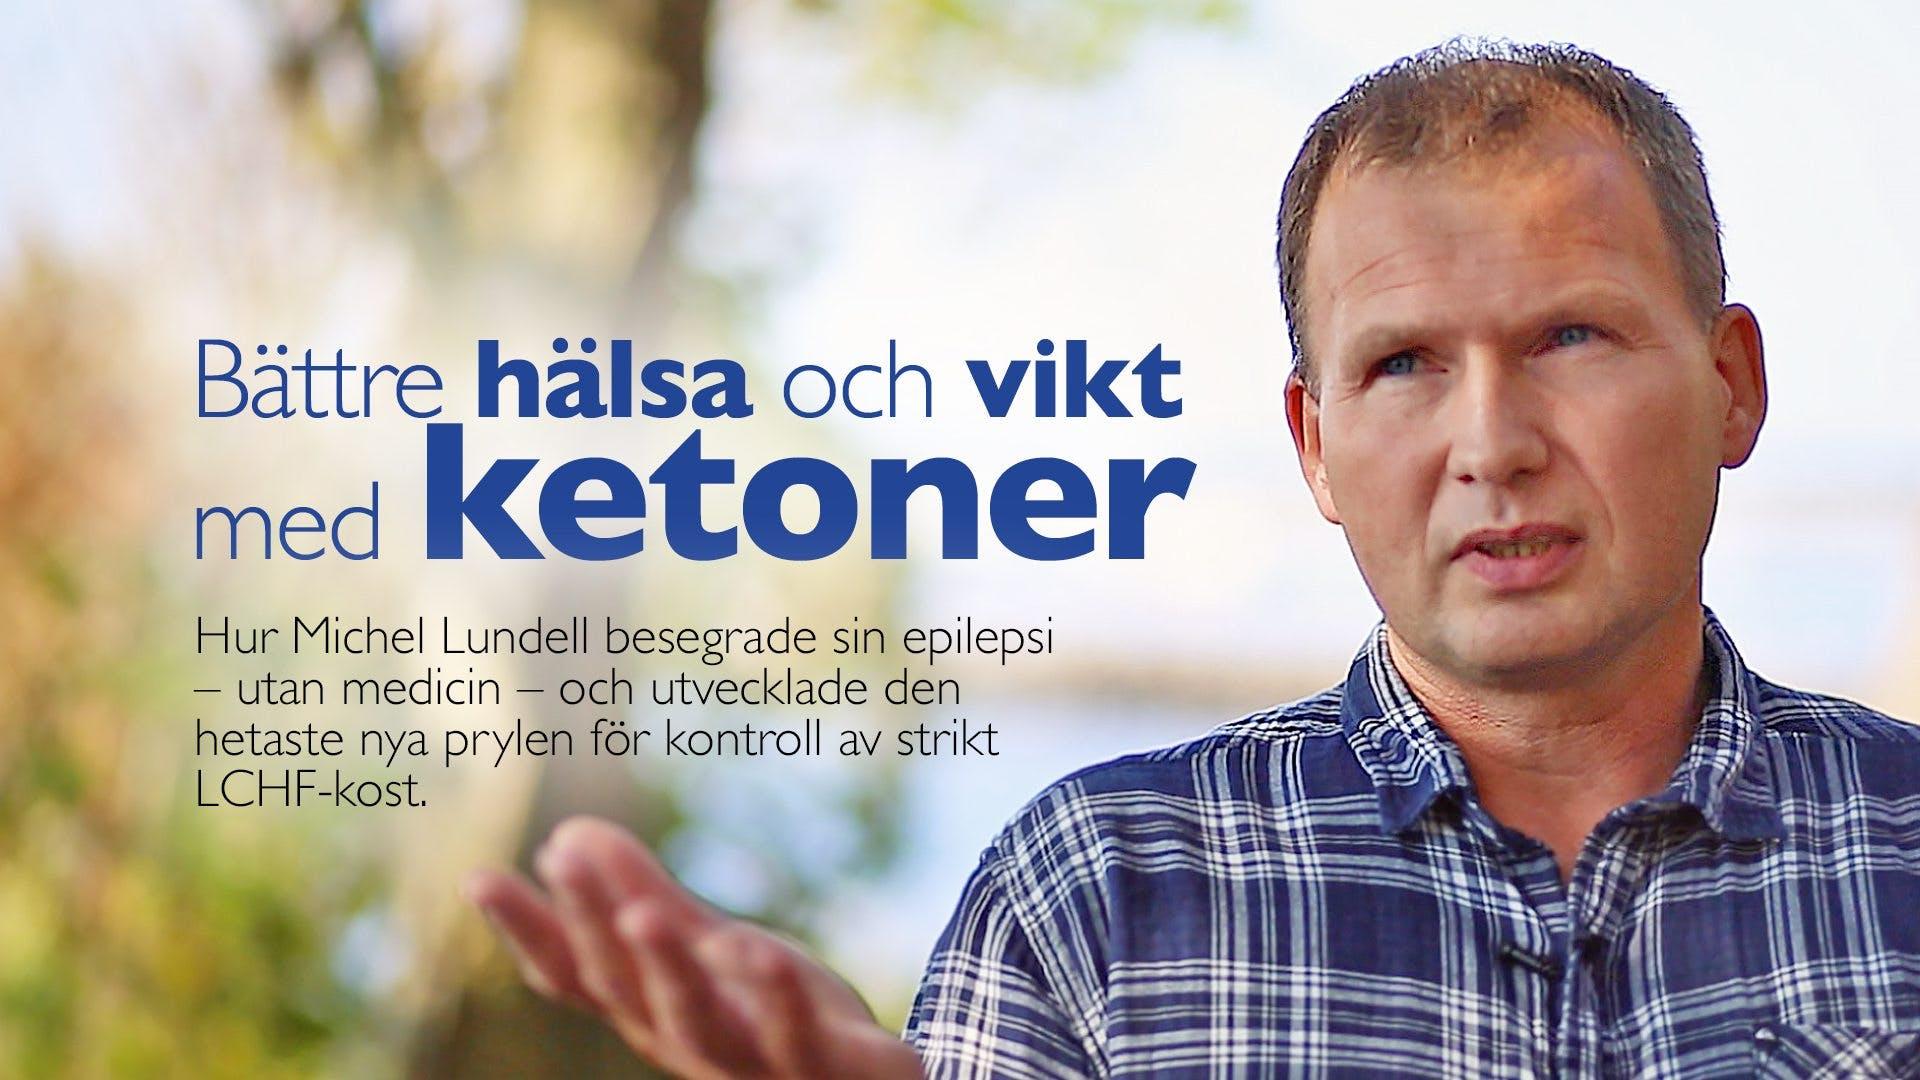 Bättre hälsa och vikt med ketoner - intervju med Michel Lundell - Ketonix